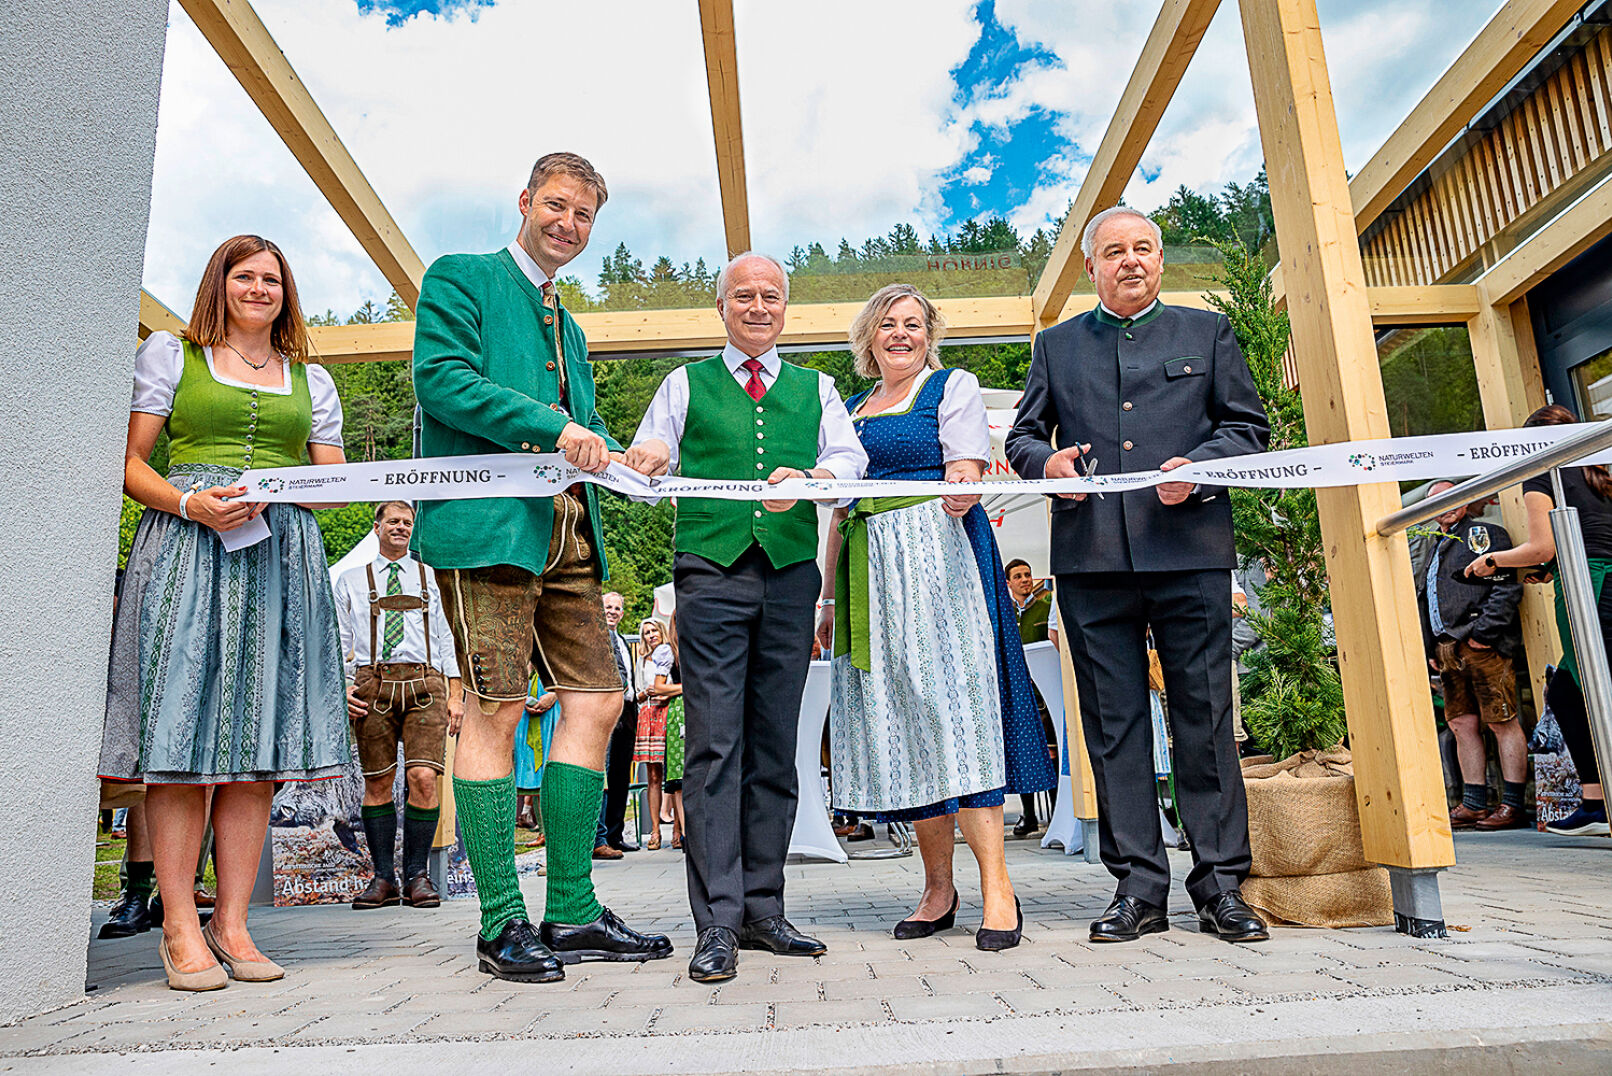 Eröffnung der Naturwelten Steiermark - Kürzlich wurden die Naturwelten Steiermark im Beisein zahlreicher Prominenz feierlich eröffnet.